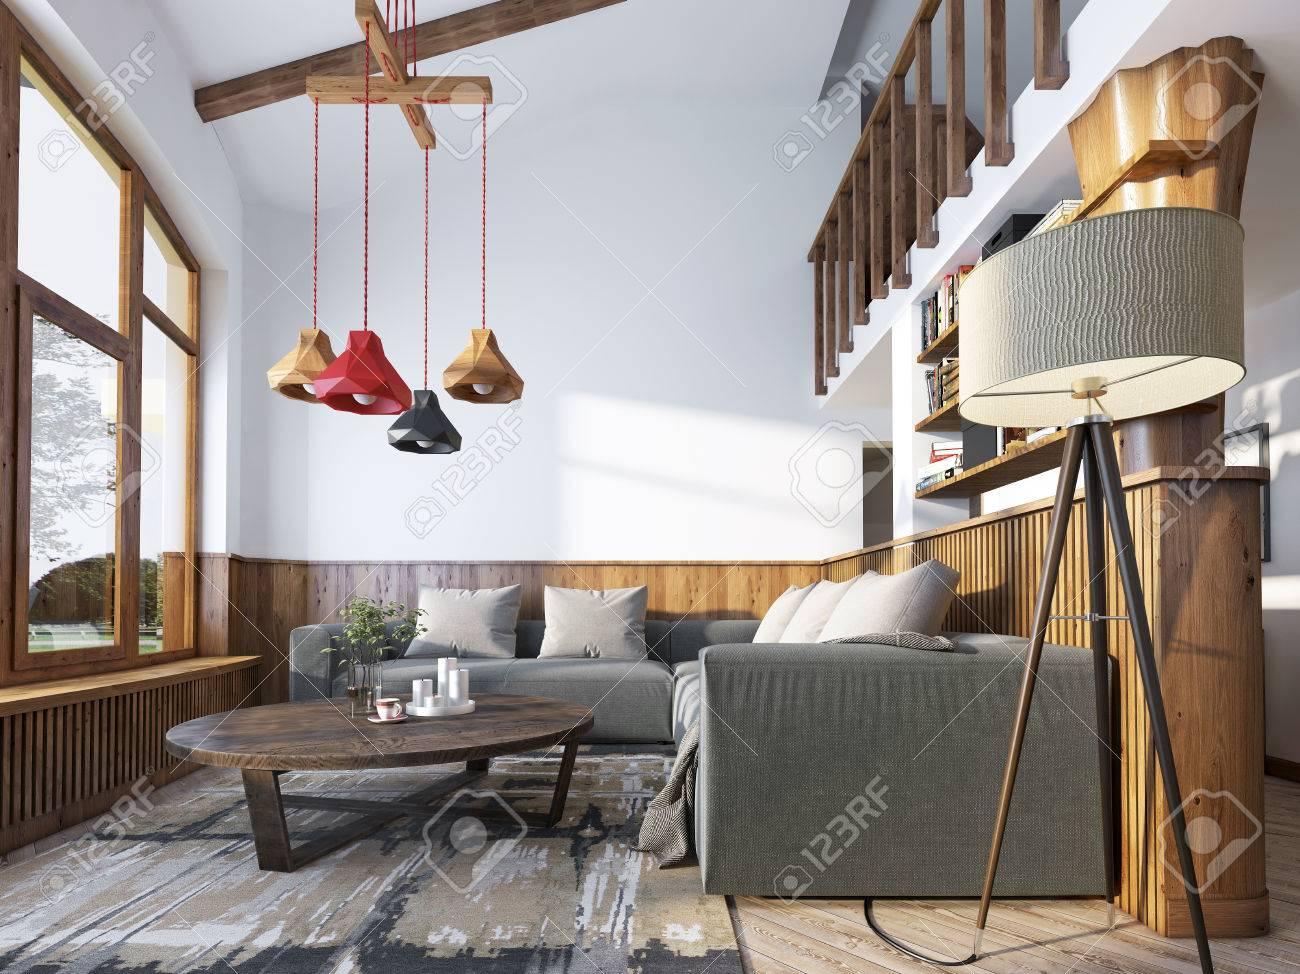 salon moderne dans un style loft salon avec canape d angle et le mur avec boiseries et de grandes fenetres le lustre d origine avec des nuances de